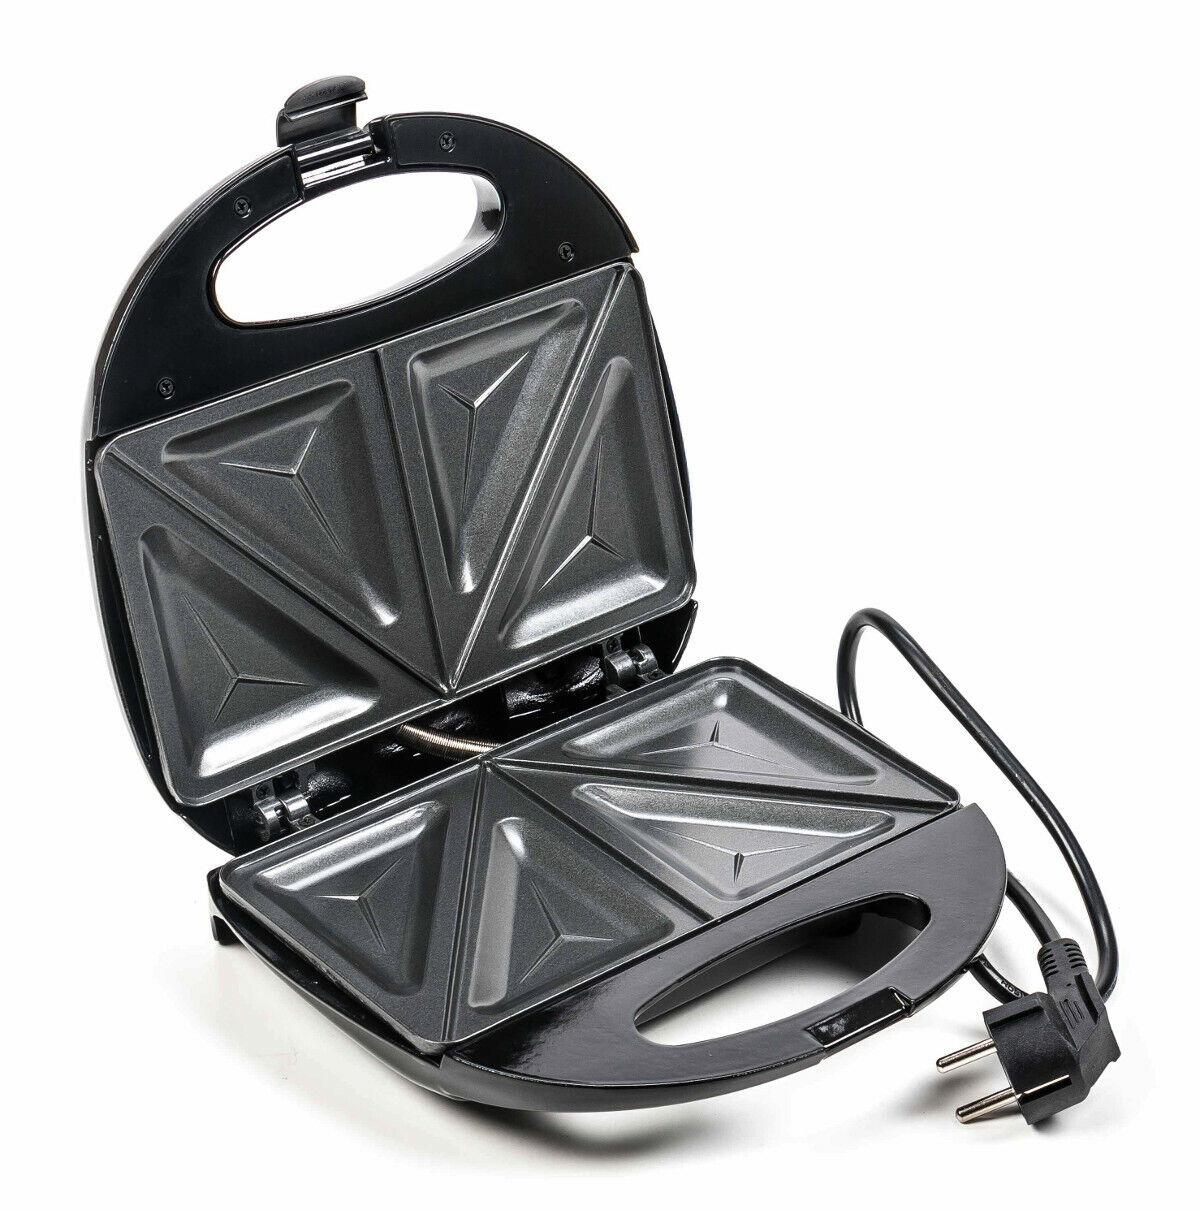 Induktions Herdplatte Kochfeld Keramikkochplatte Kochplatte Mobil 1600w Online Rabatt Sonstige